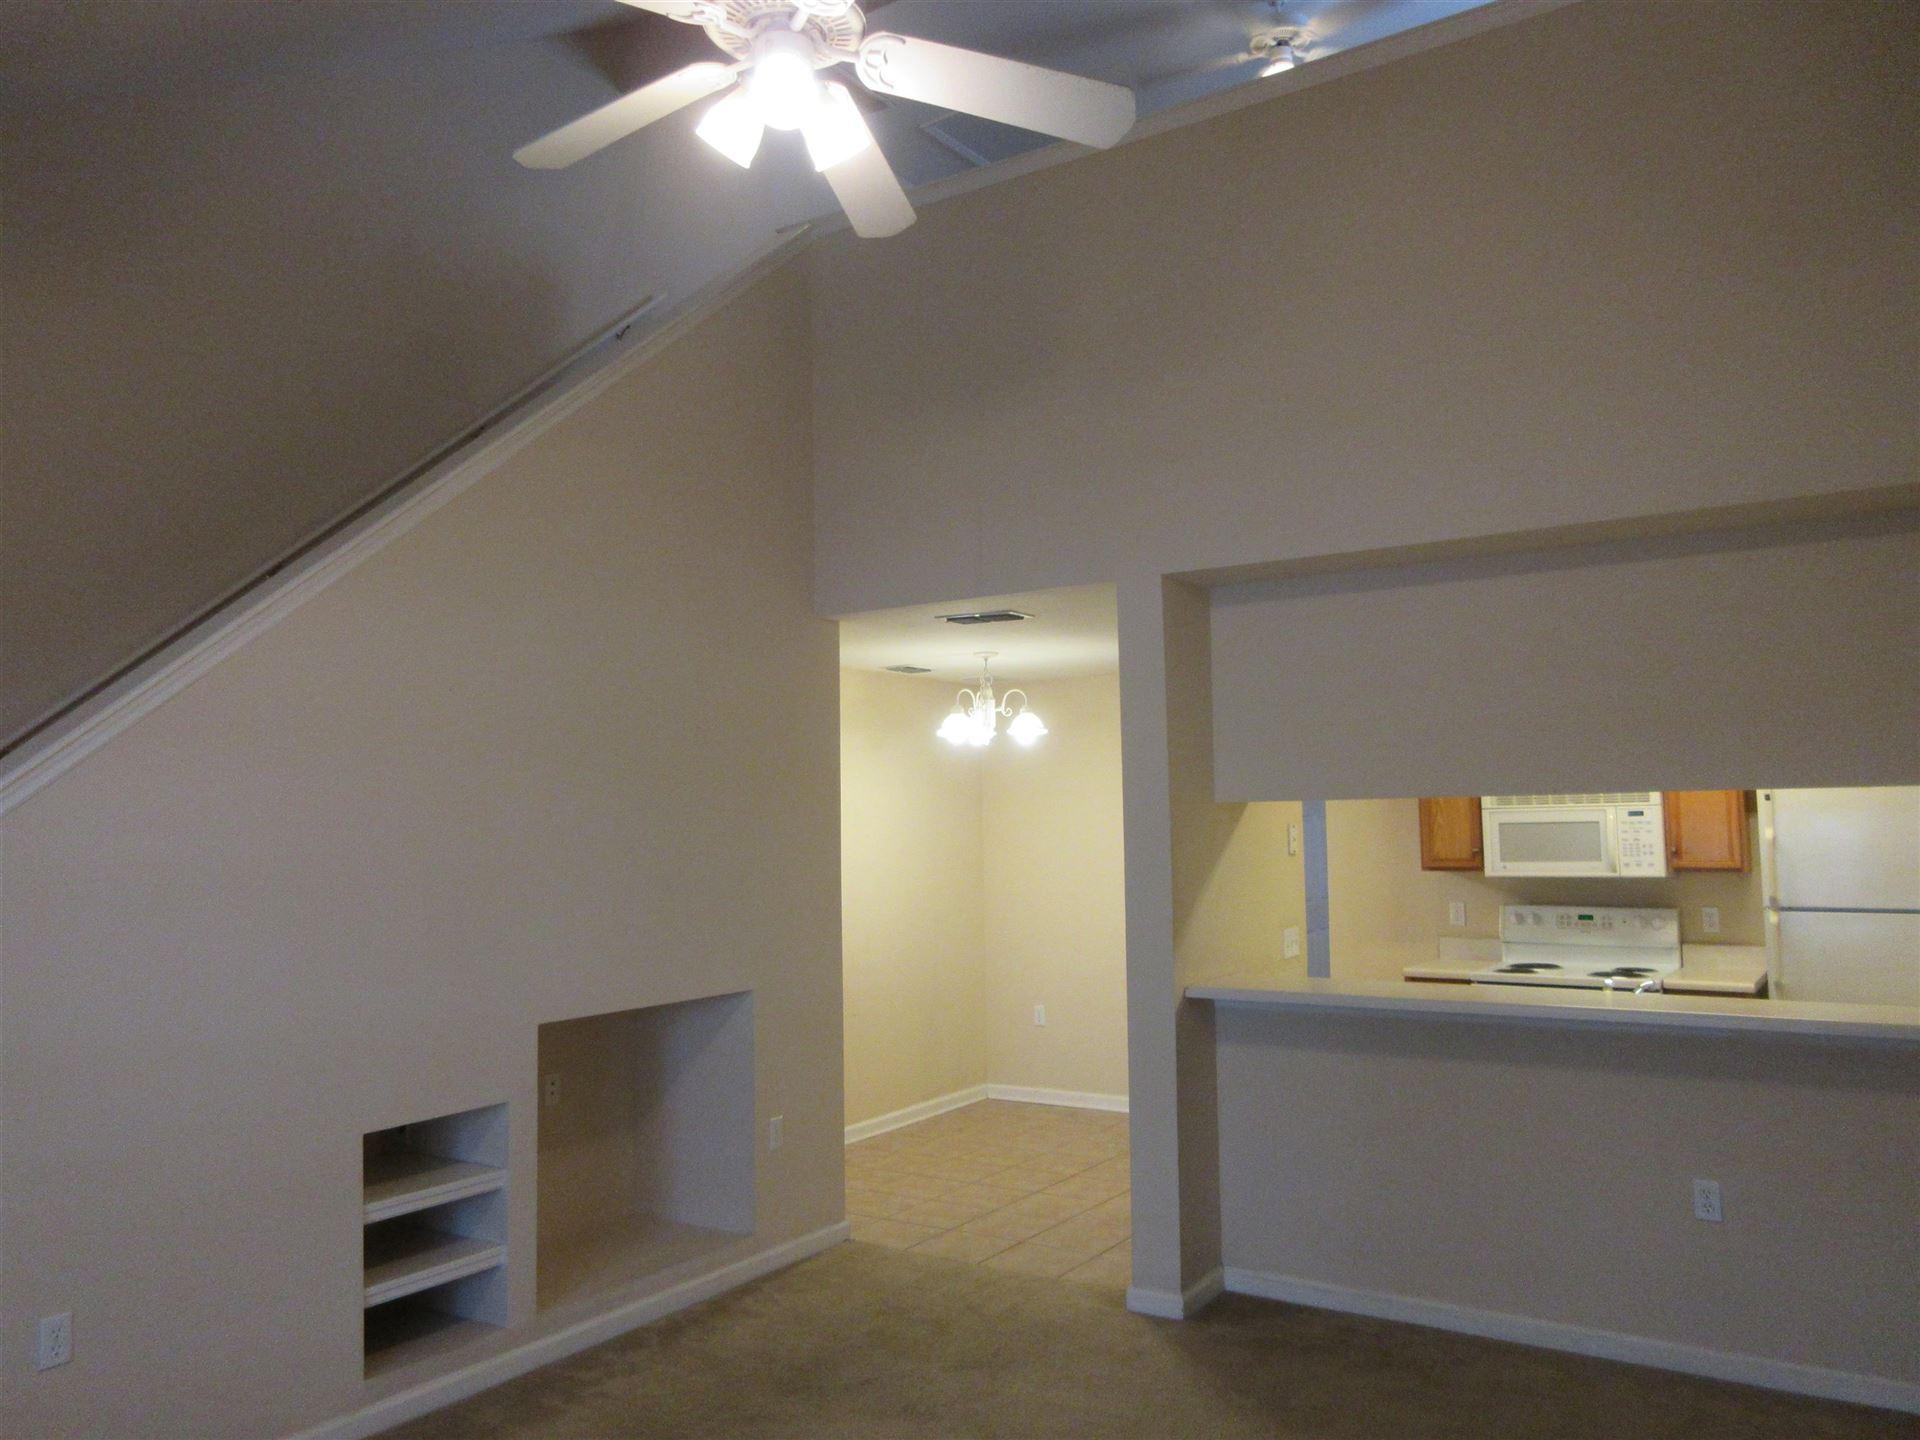 Photo of 2738 W Tharpe Street #2306, TALLAHASSEE, FL 32303 (MLS # 335636)